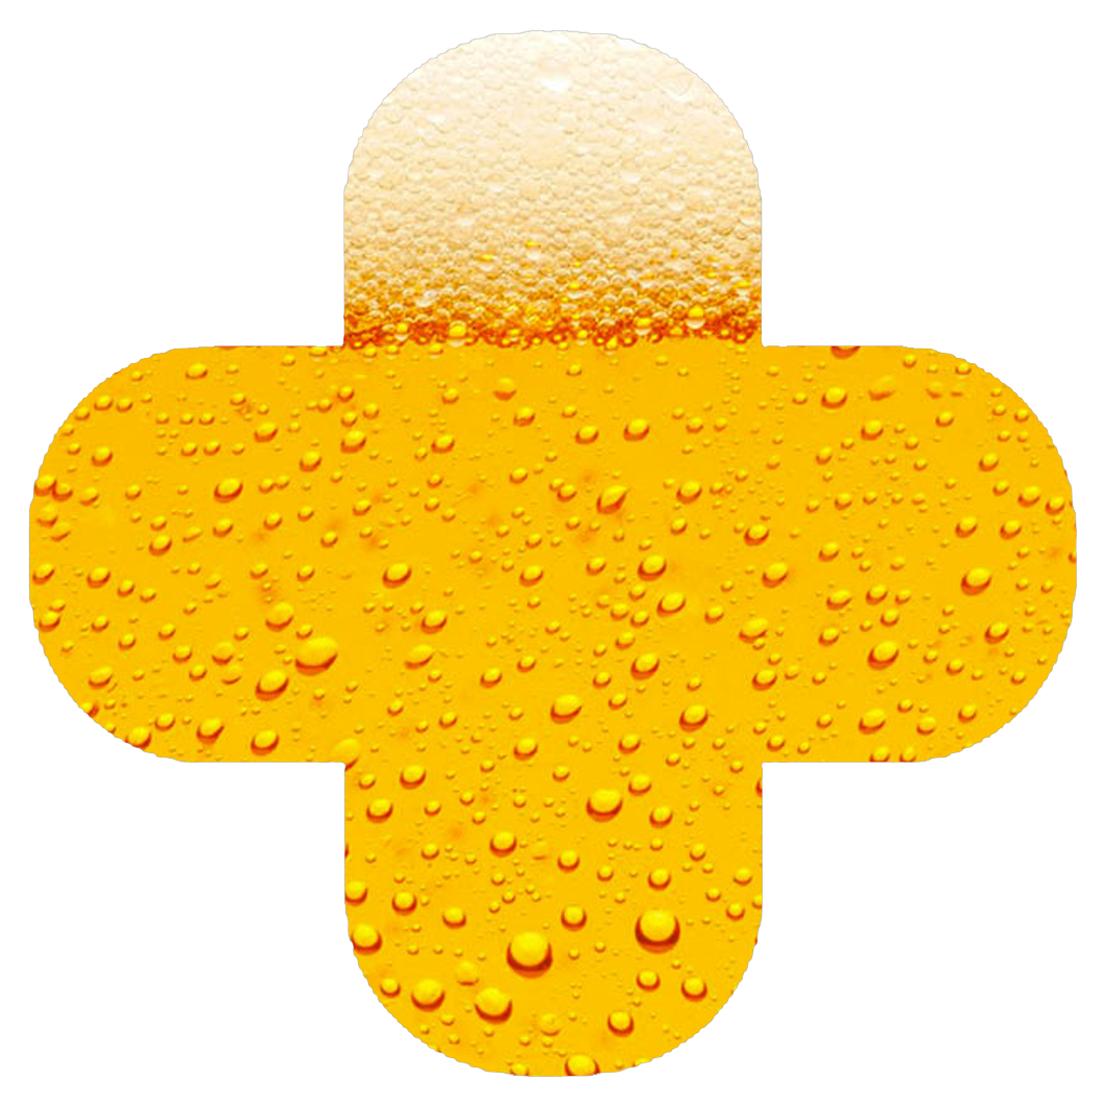 Montando minha festa: Cerveja - Rosa